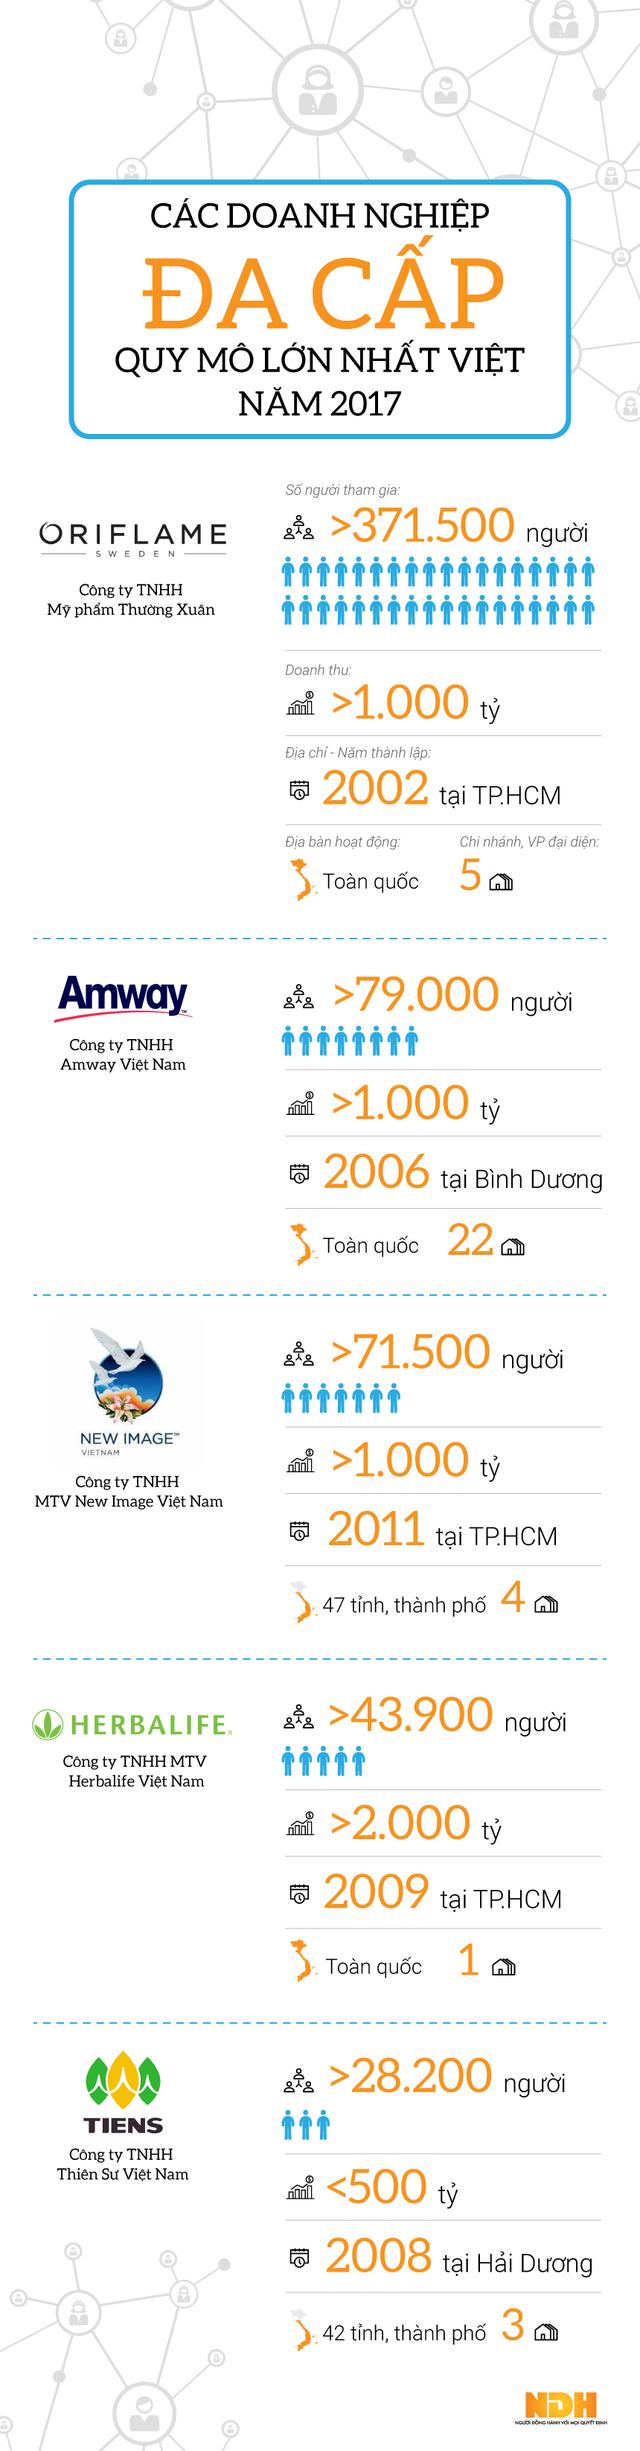 Infographic: Công ty đa cấp nào lớn nhất Việt Nam 2017? - Ảnh 1.